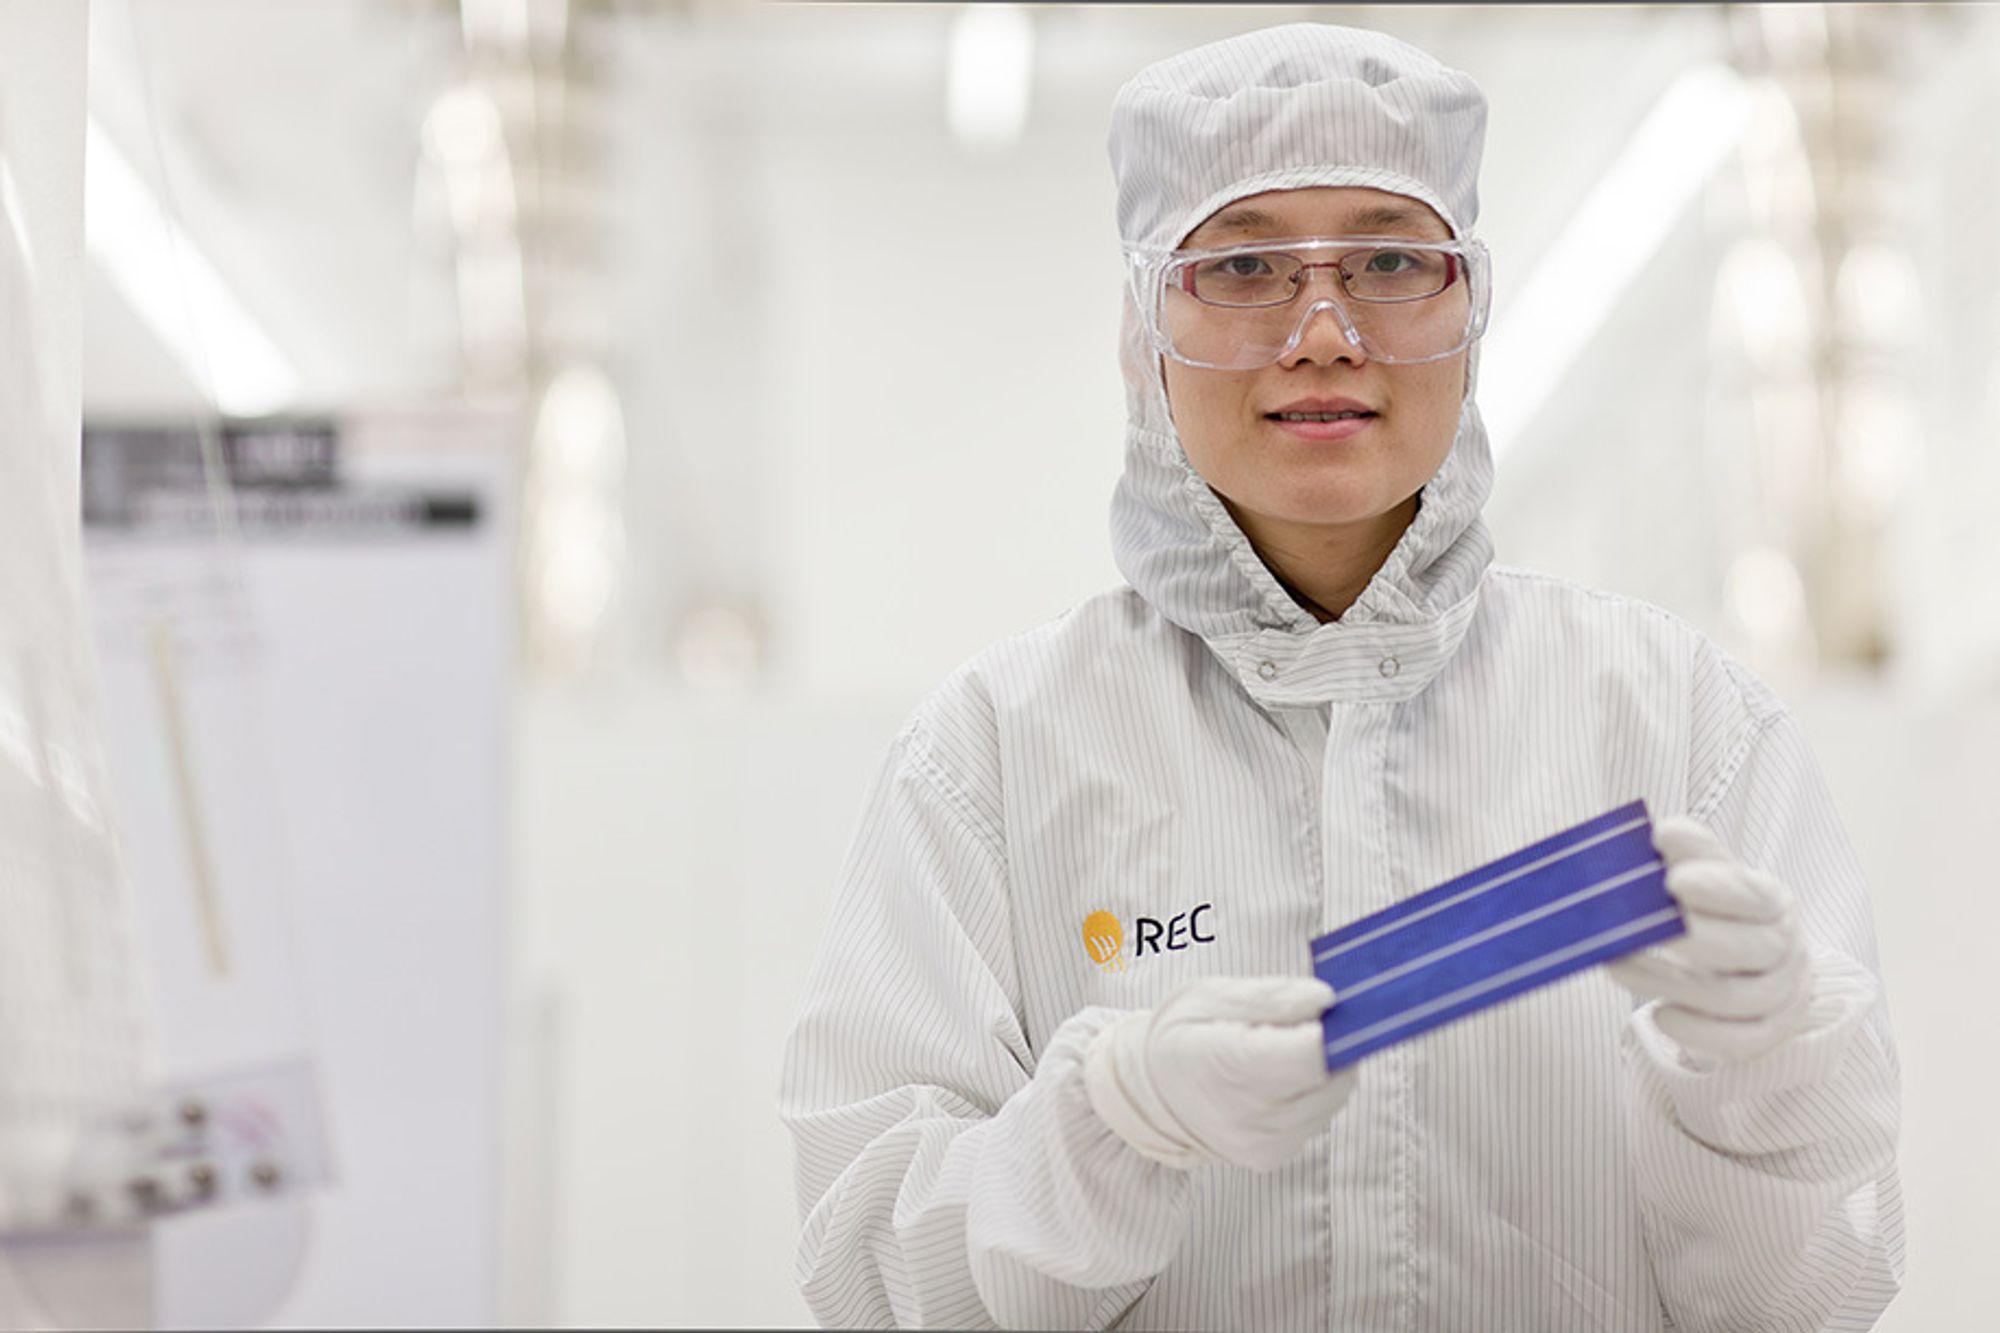 FORTSETTER: Mens Recs solcelleproduksjon i Singapore fortsetter, må 500 permitteres i Norge. Svakt resultat i andre kvartal er noe av årsaken.